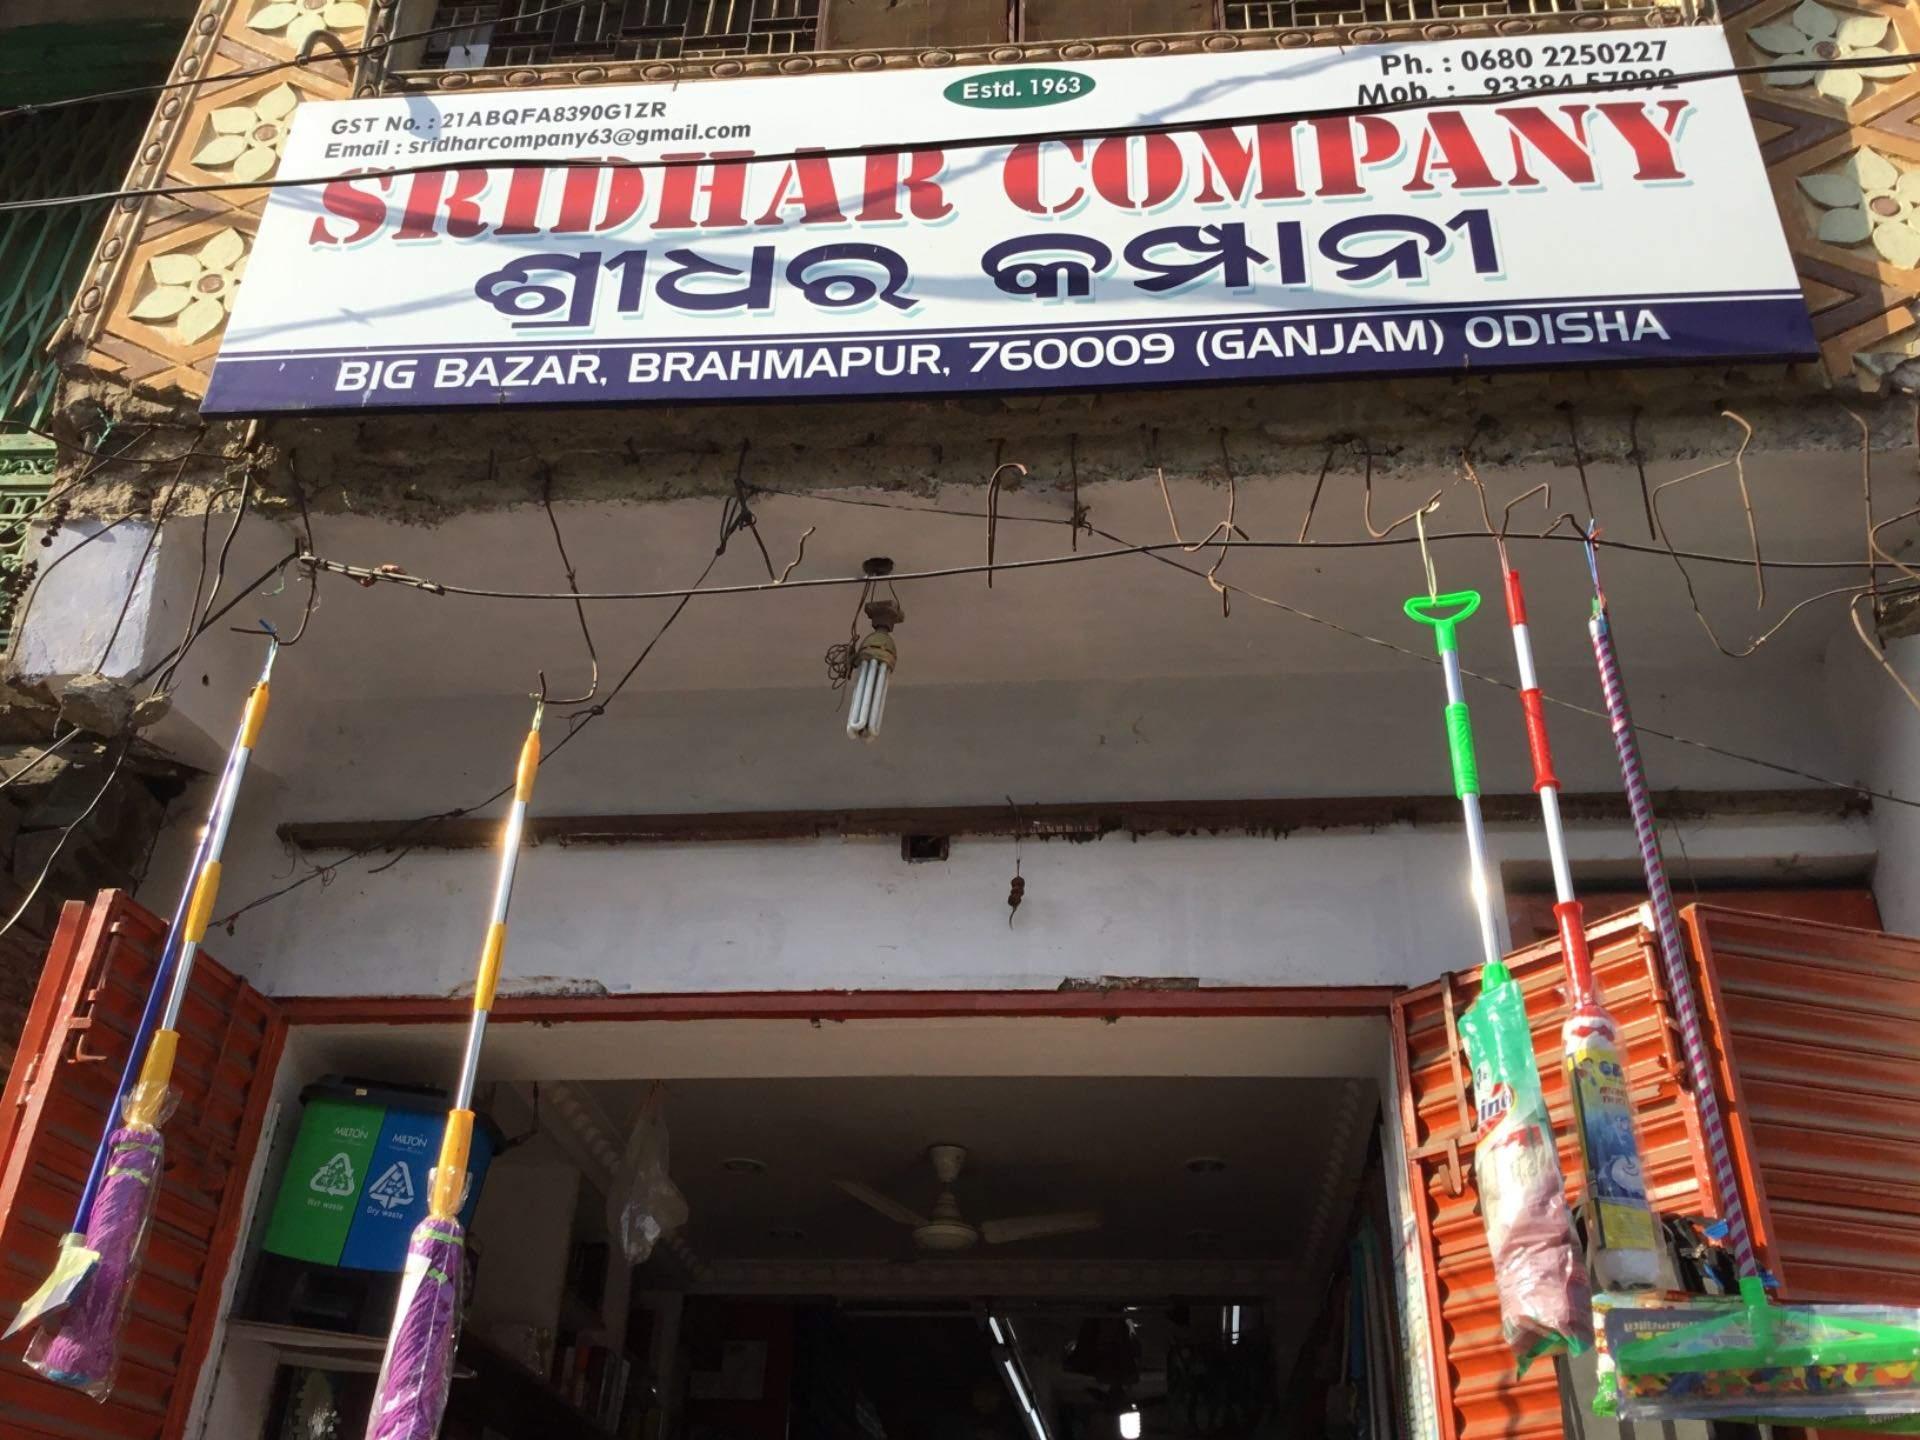 Top Phenyl Dealers in Berhampur-Orrisa - Best Phenyl Suppliers